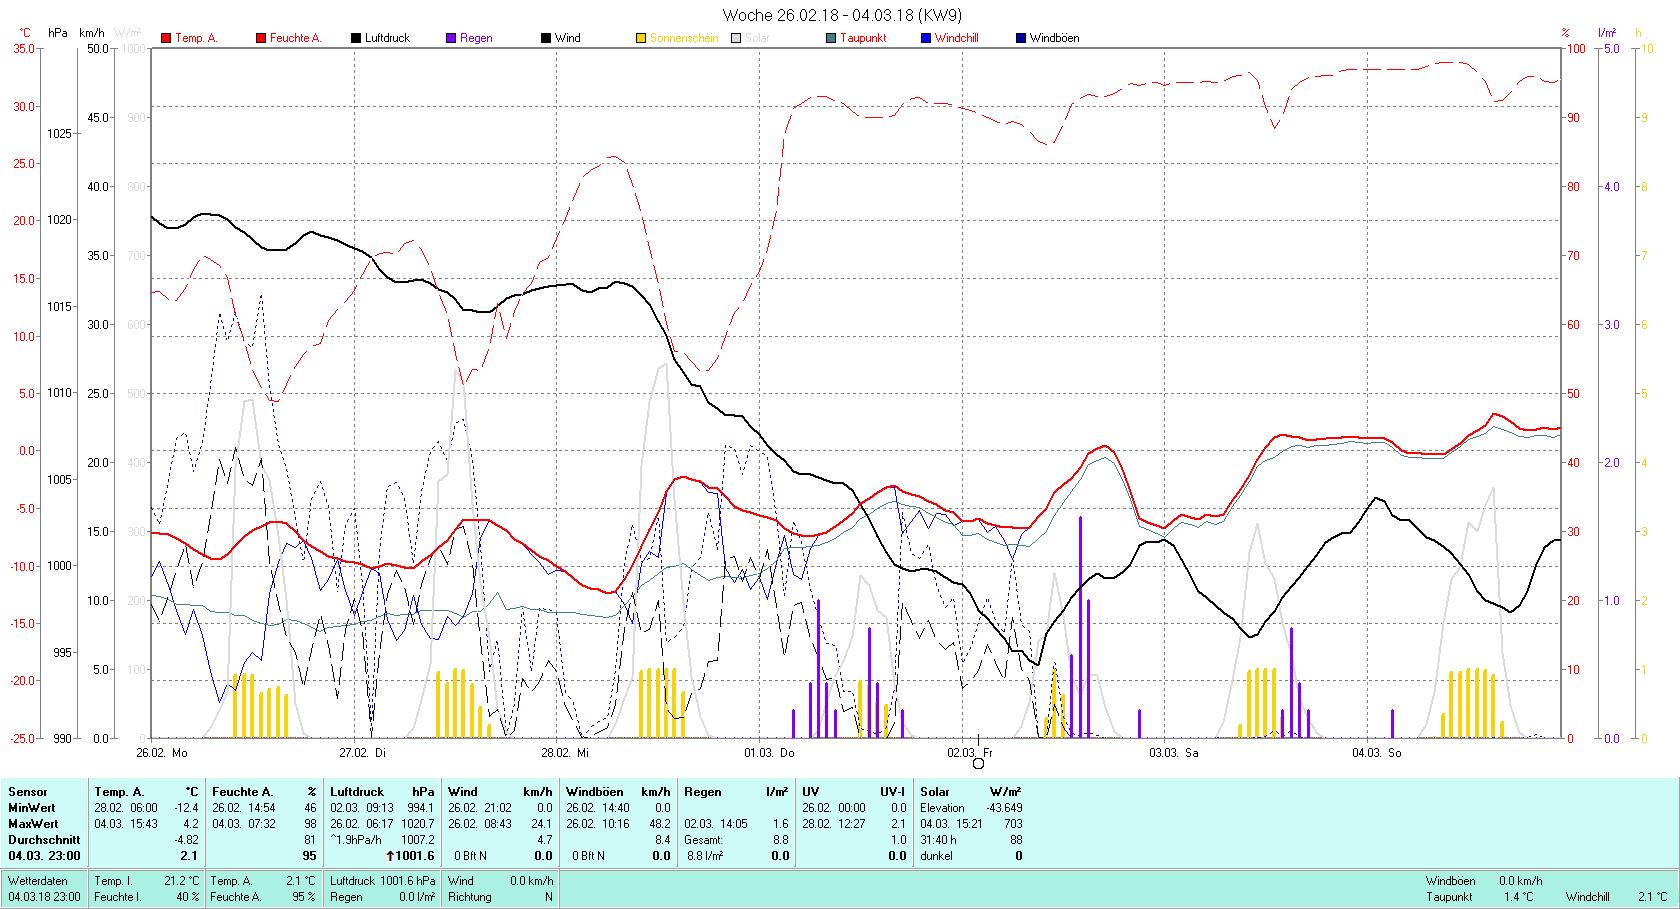 KW 09 Tmin -12.4°C, Tmax 4.2°C, Sonne 31:40 h Niederschlag 8.8 mm2